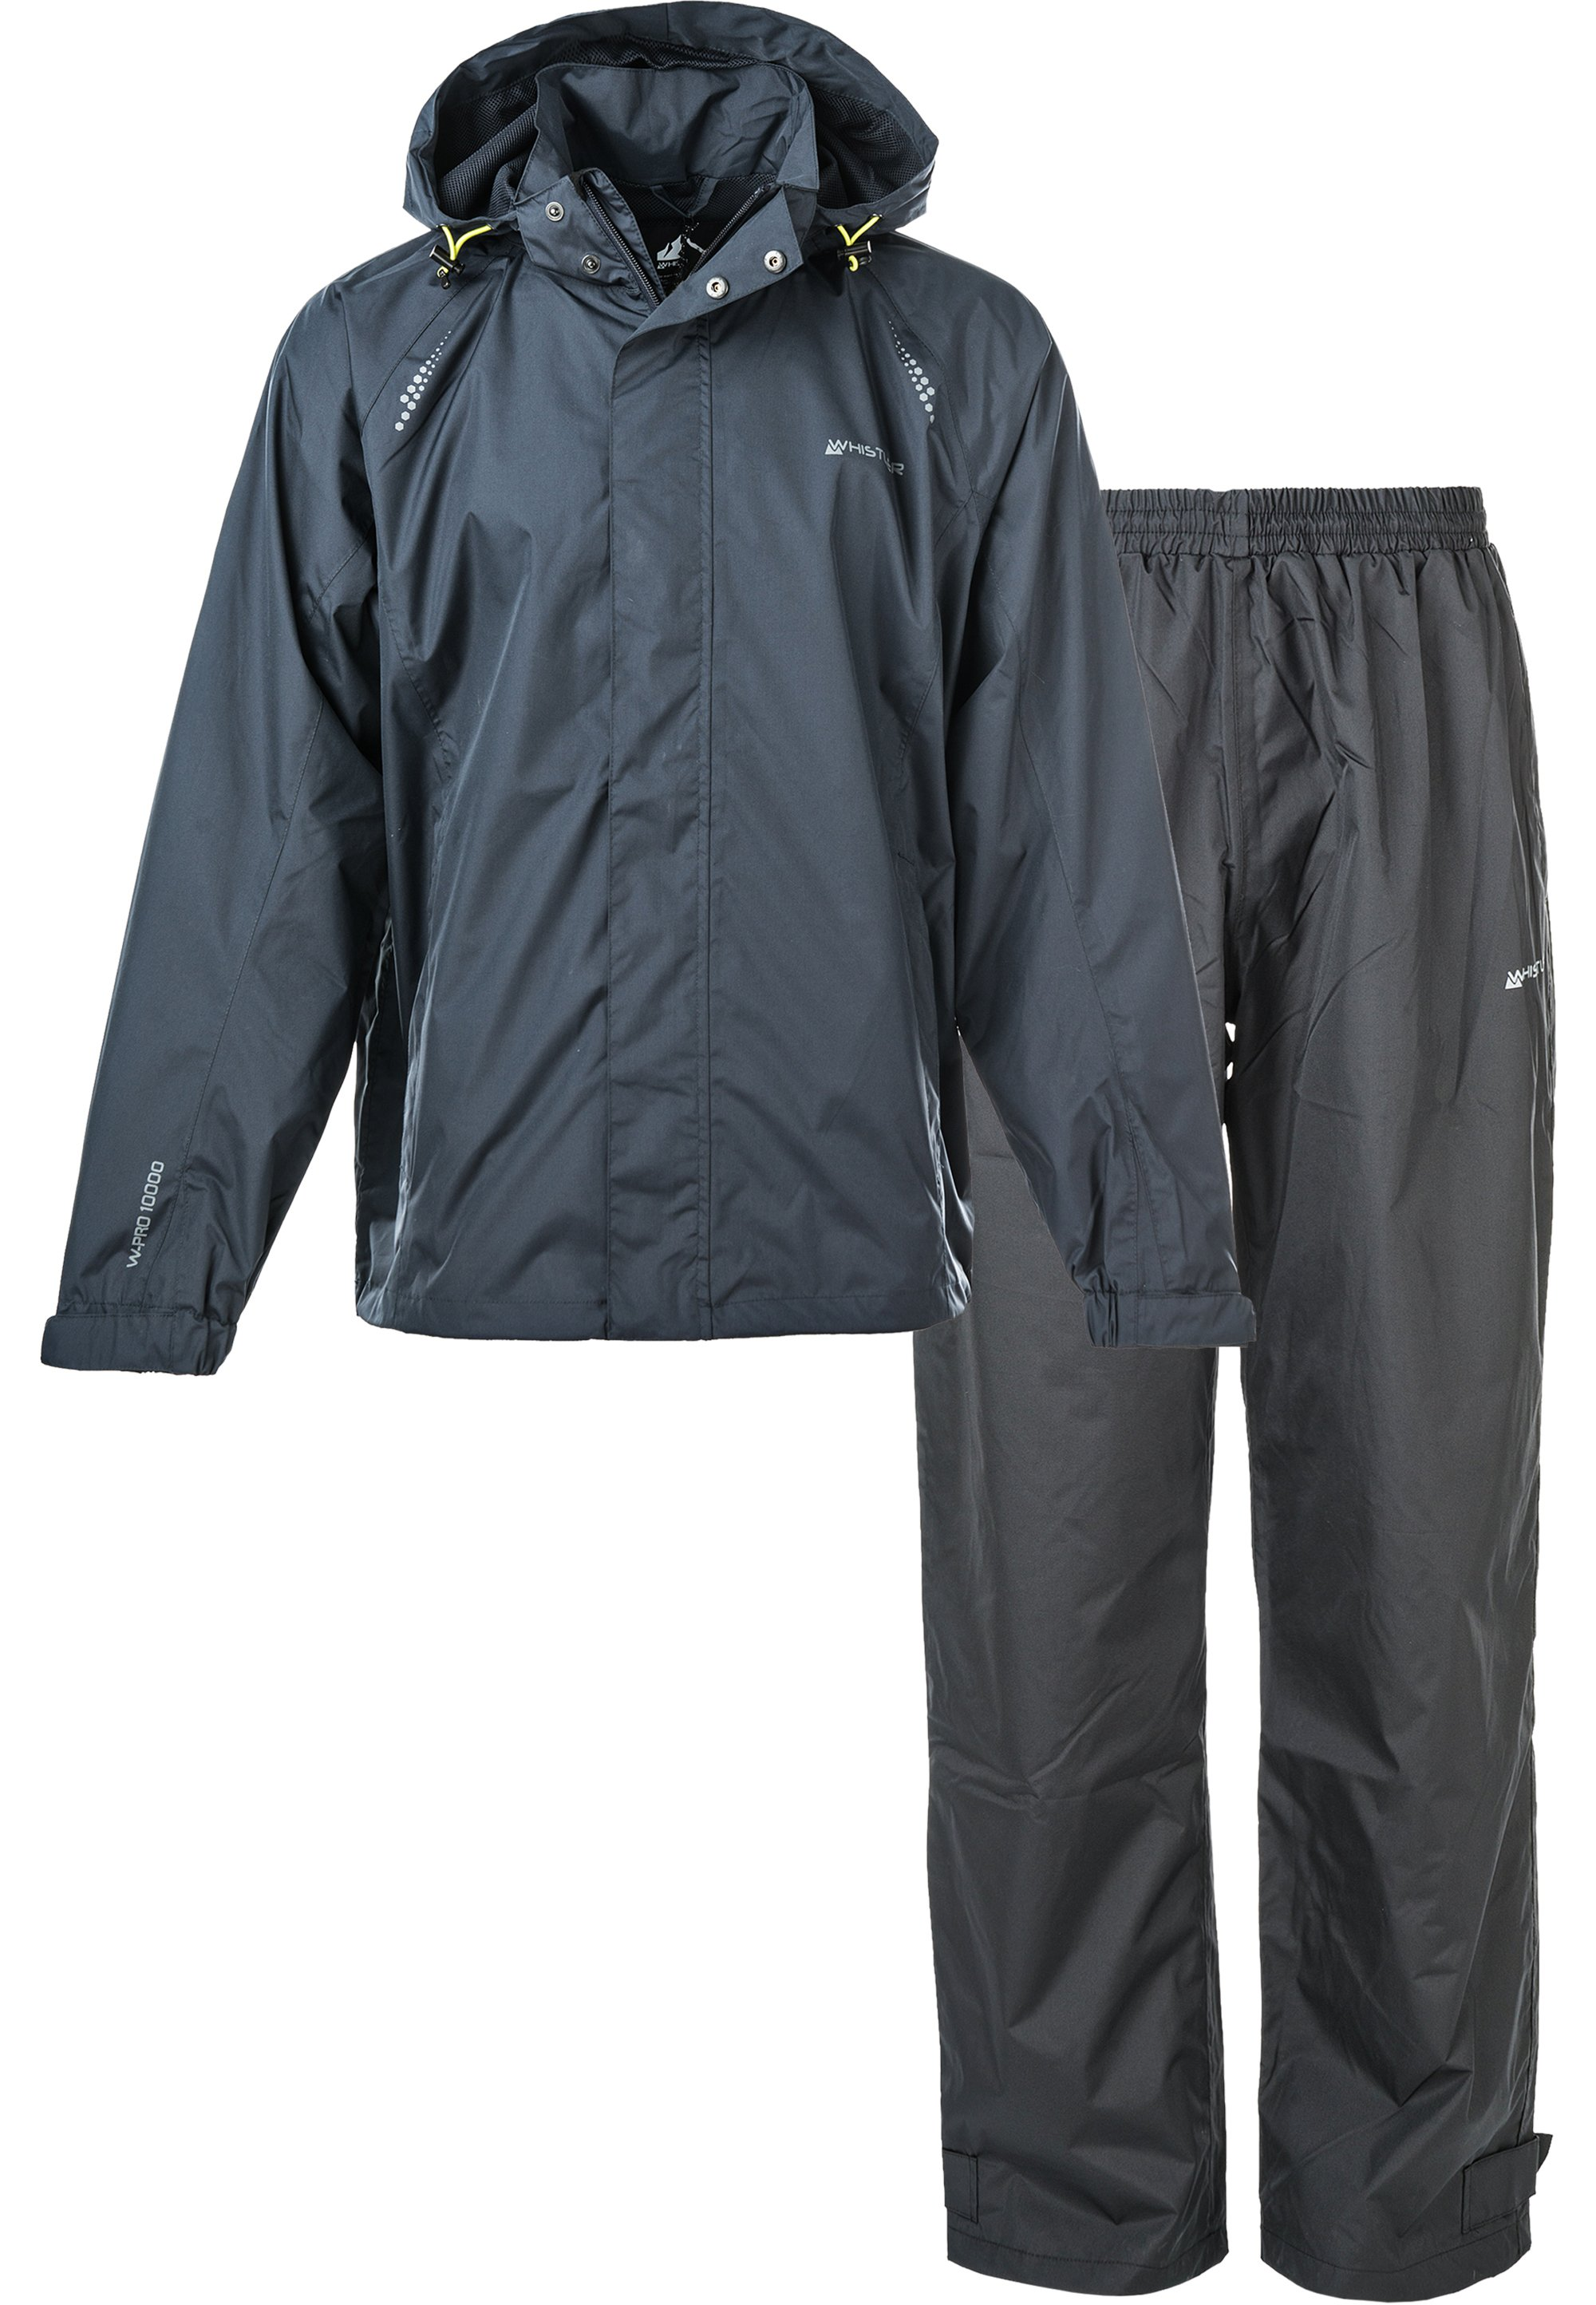 Herren Regenjacke / wasserabweisende Jacke